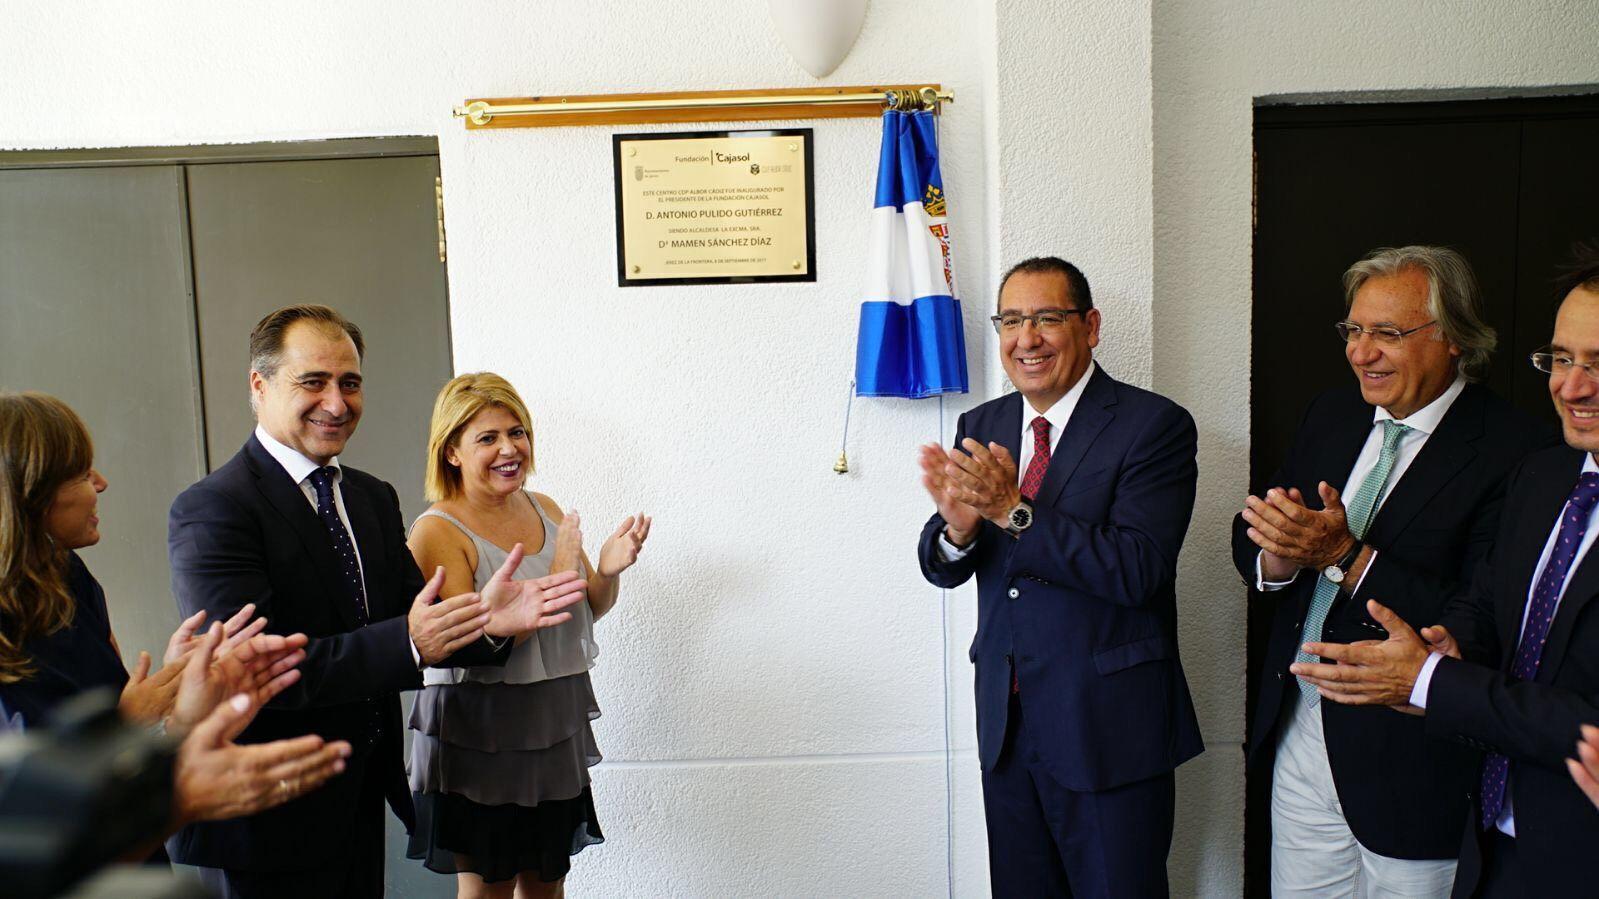 La Fundación Albor, Instituto de Formación Profesional ubicado en un edificio de la Fundación Cajasol, ha abierto sus puertas hoy en Jerez con 300 alumnos matriculados